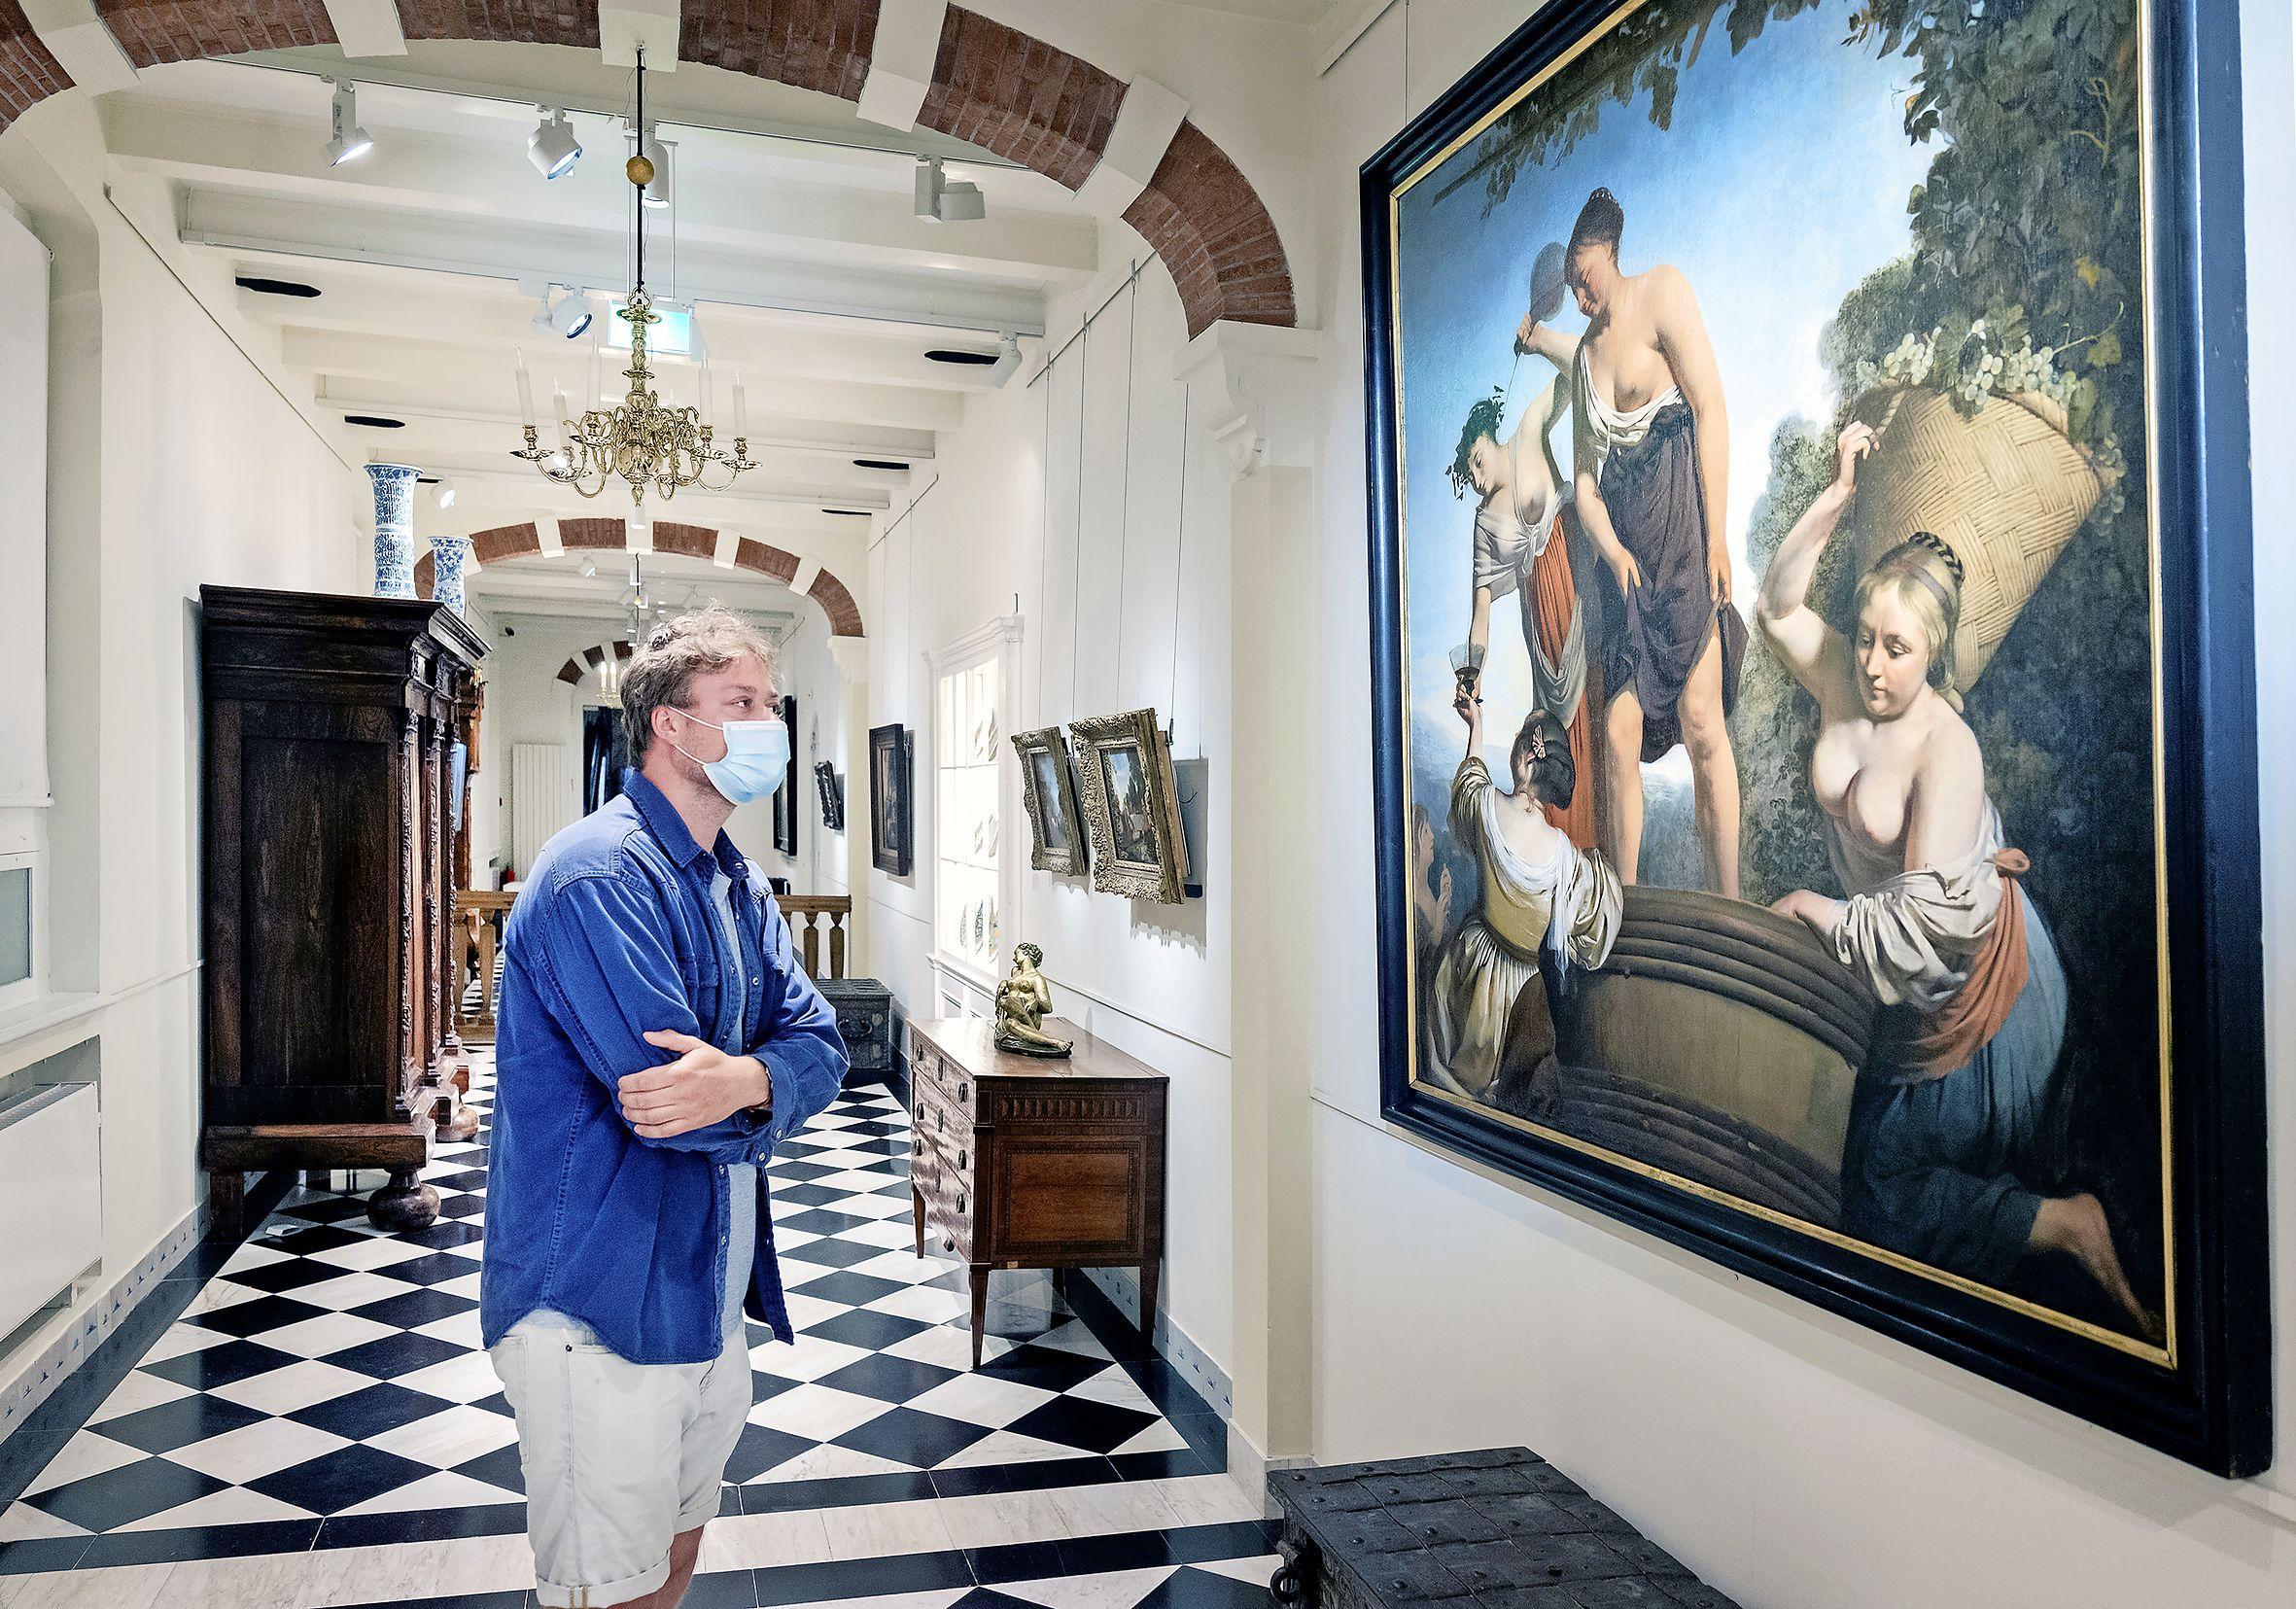 De musea zijn een week open. Blijdschap en opluchting bij kunstliefhebbers en vrijwilligers. 'Het twinkelt hier'